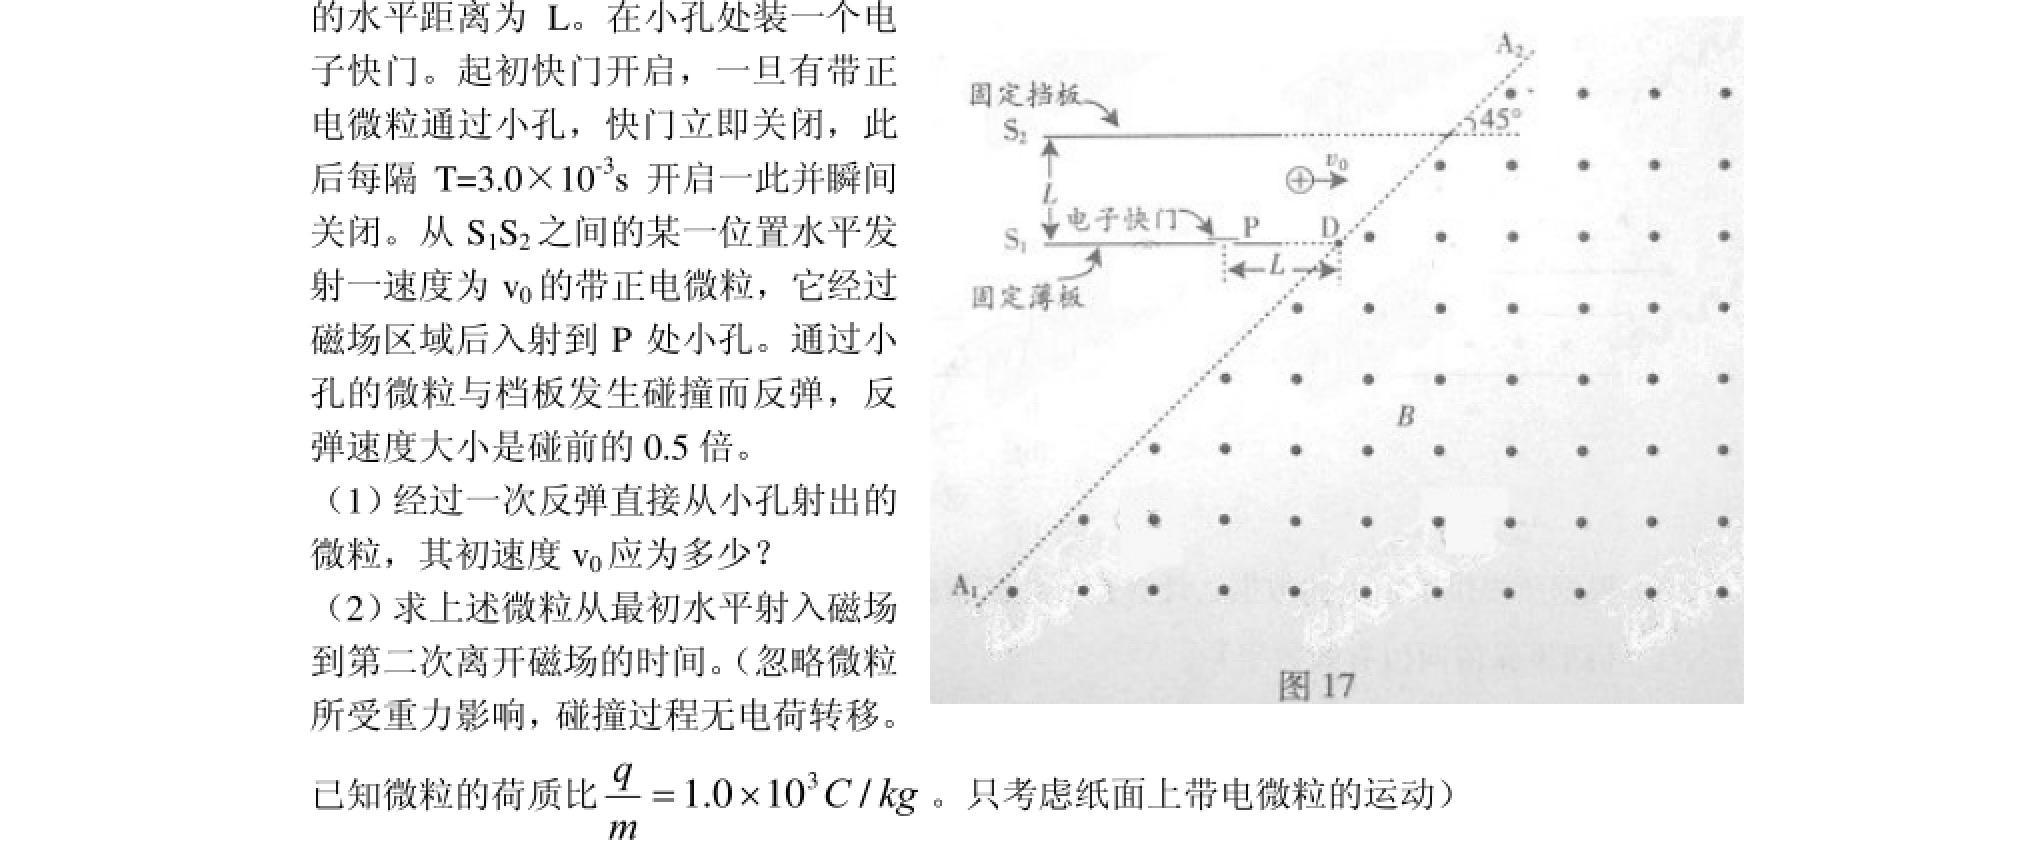 2007高考状元_高考物理压轴题有多难? - 知乎